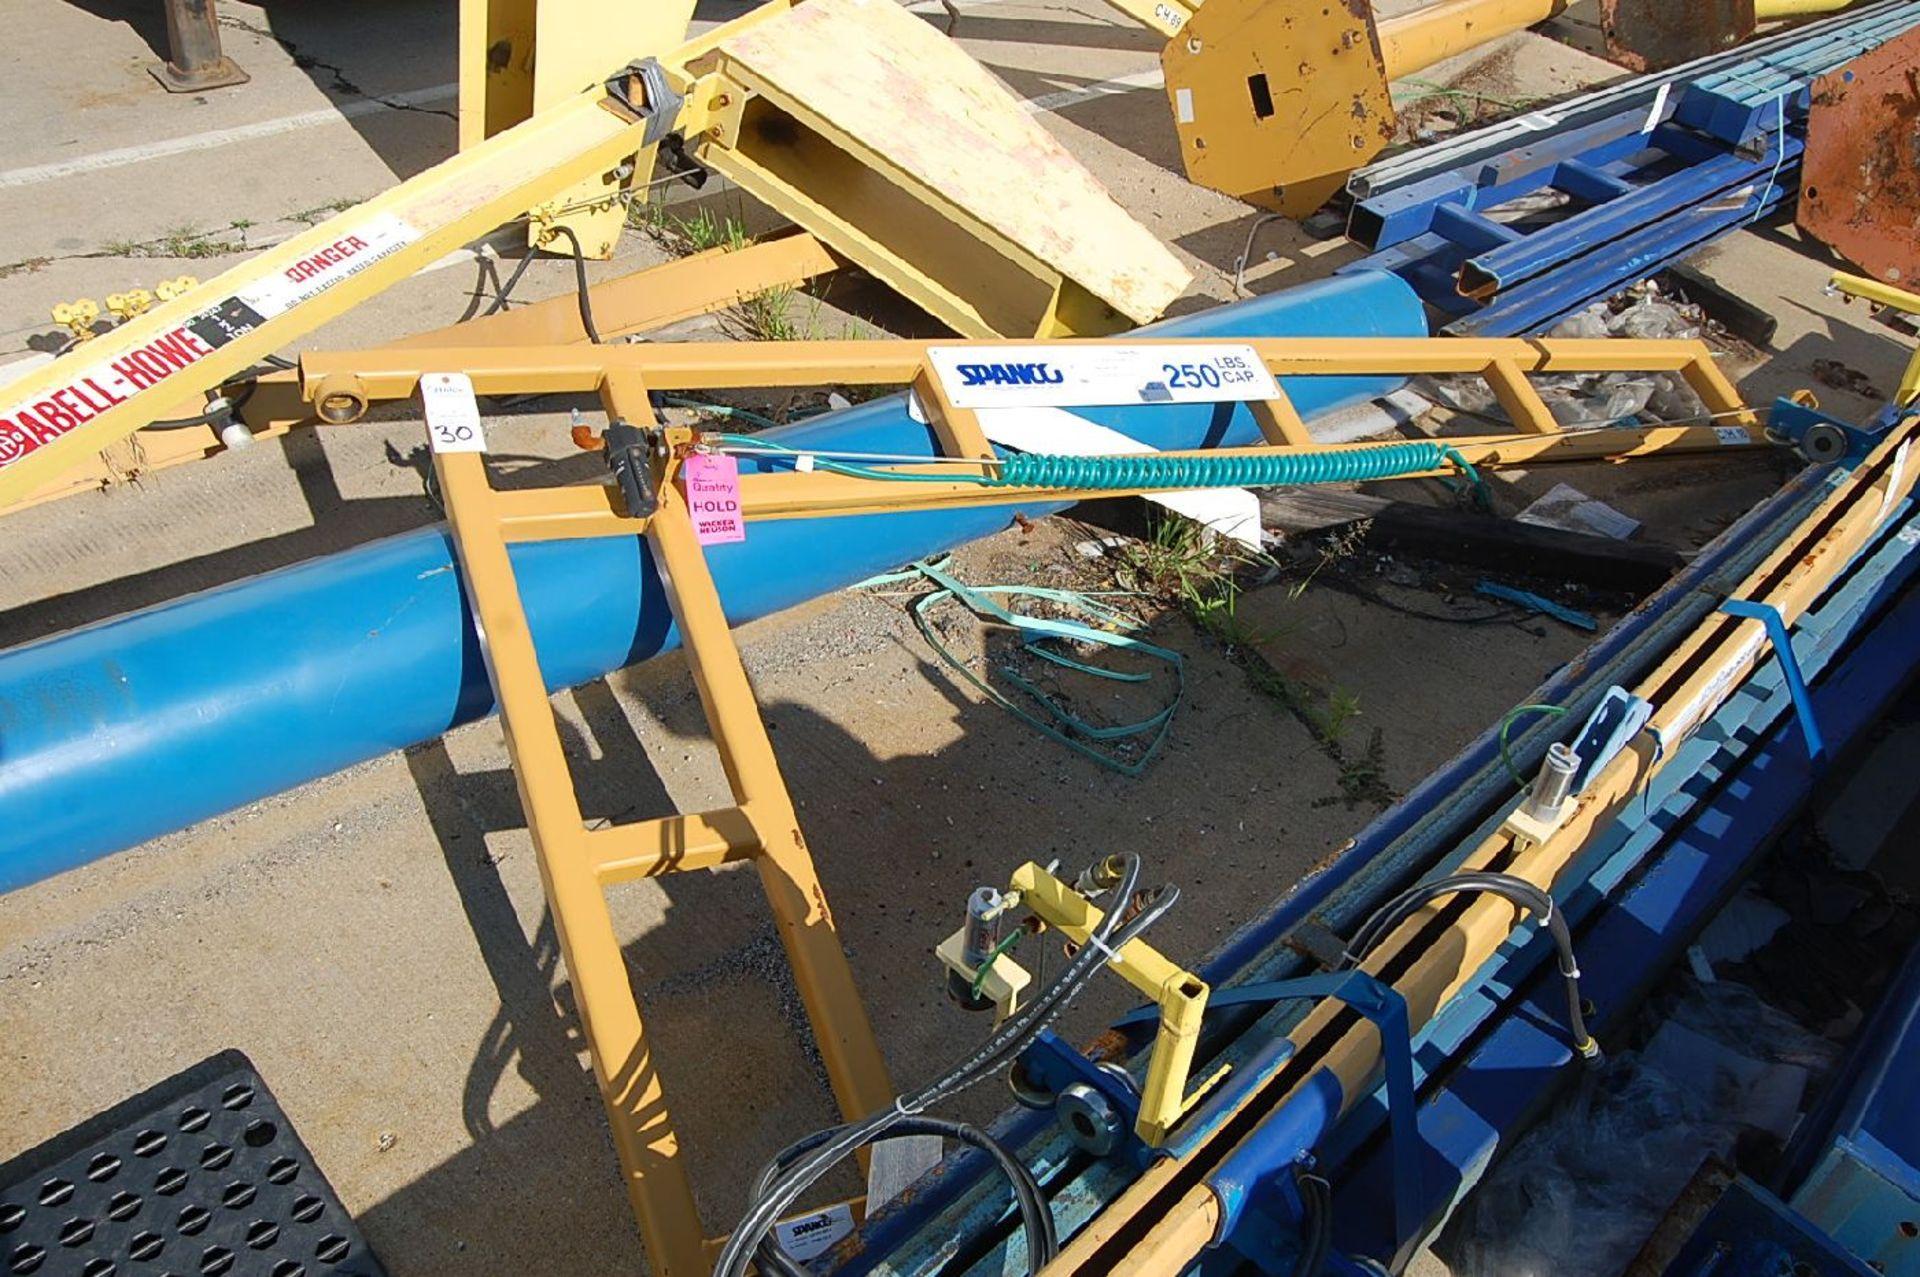 Lot 30 - Spanco 250 Lb. Floor Standing Jib Crane